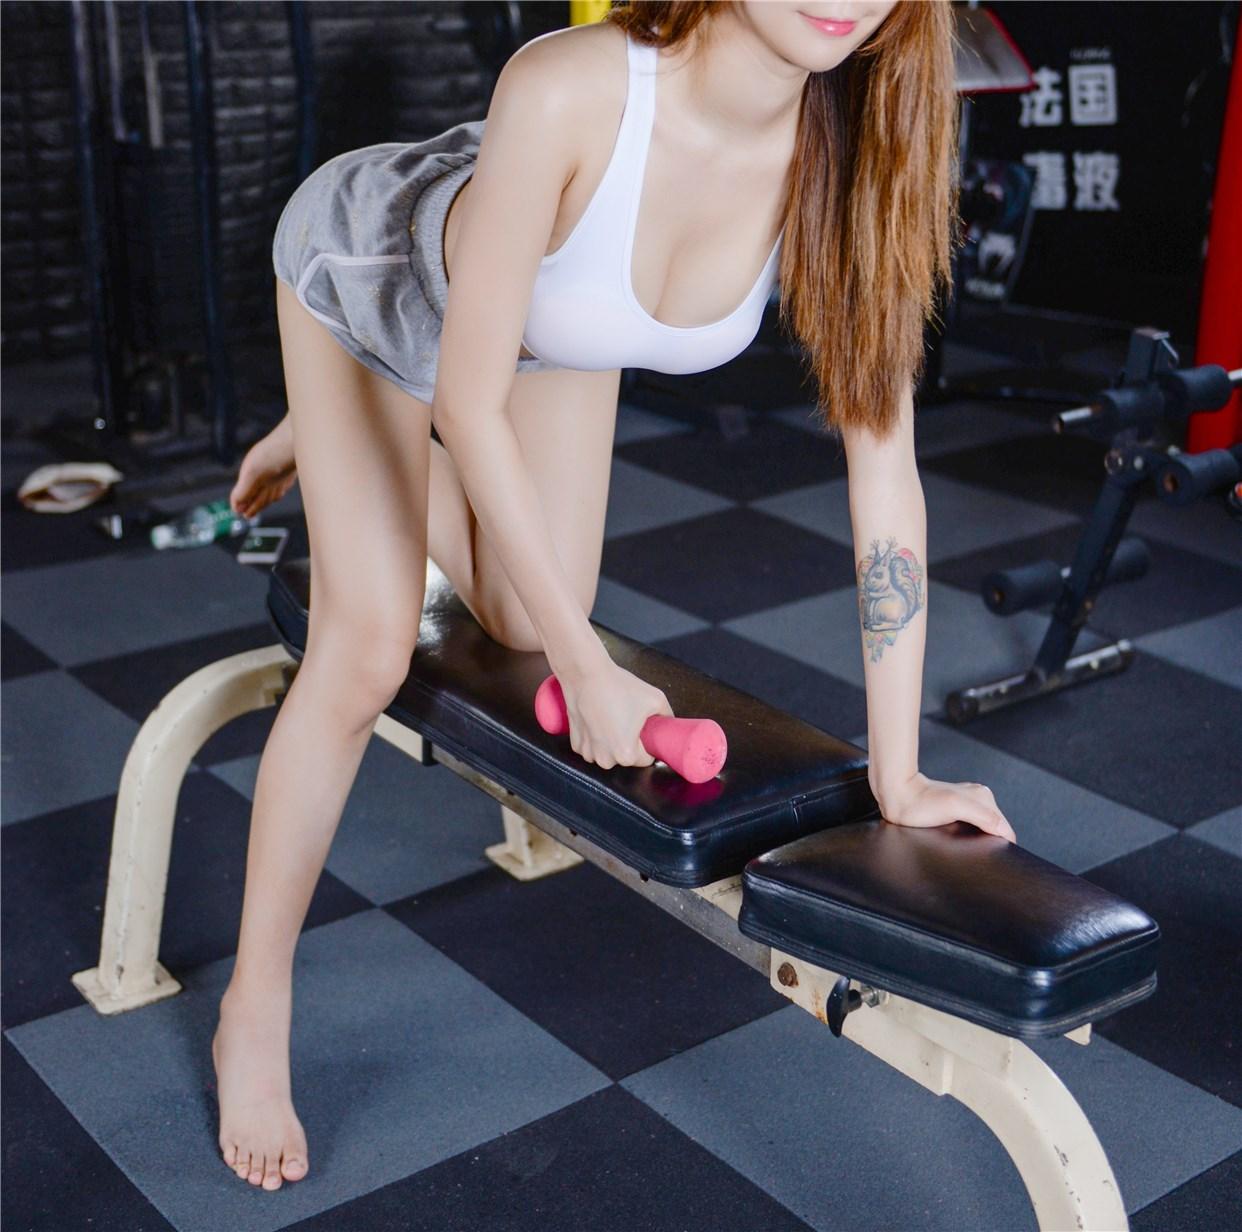 【兔玩映画】健身房的美少女 兔玩映画 第34张